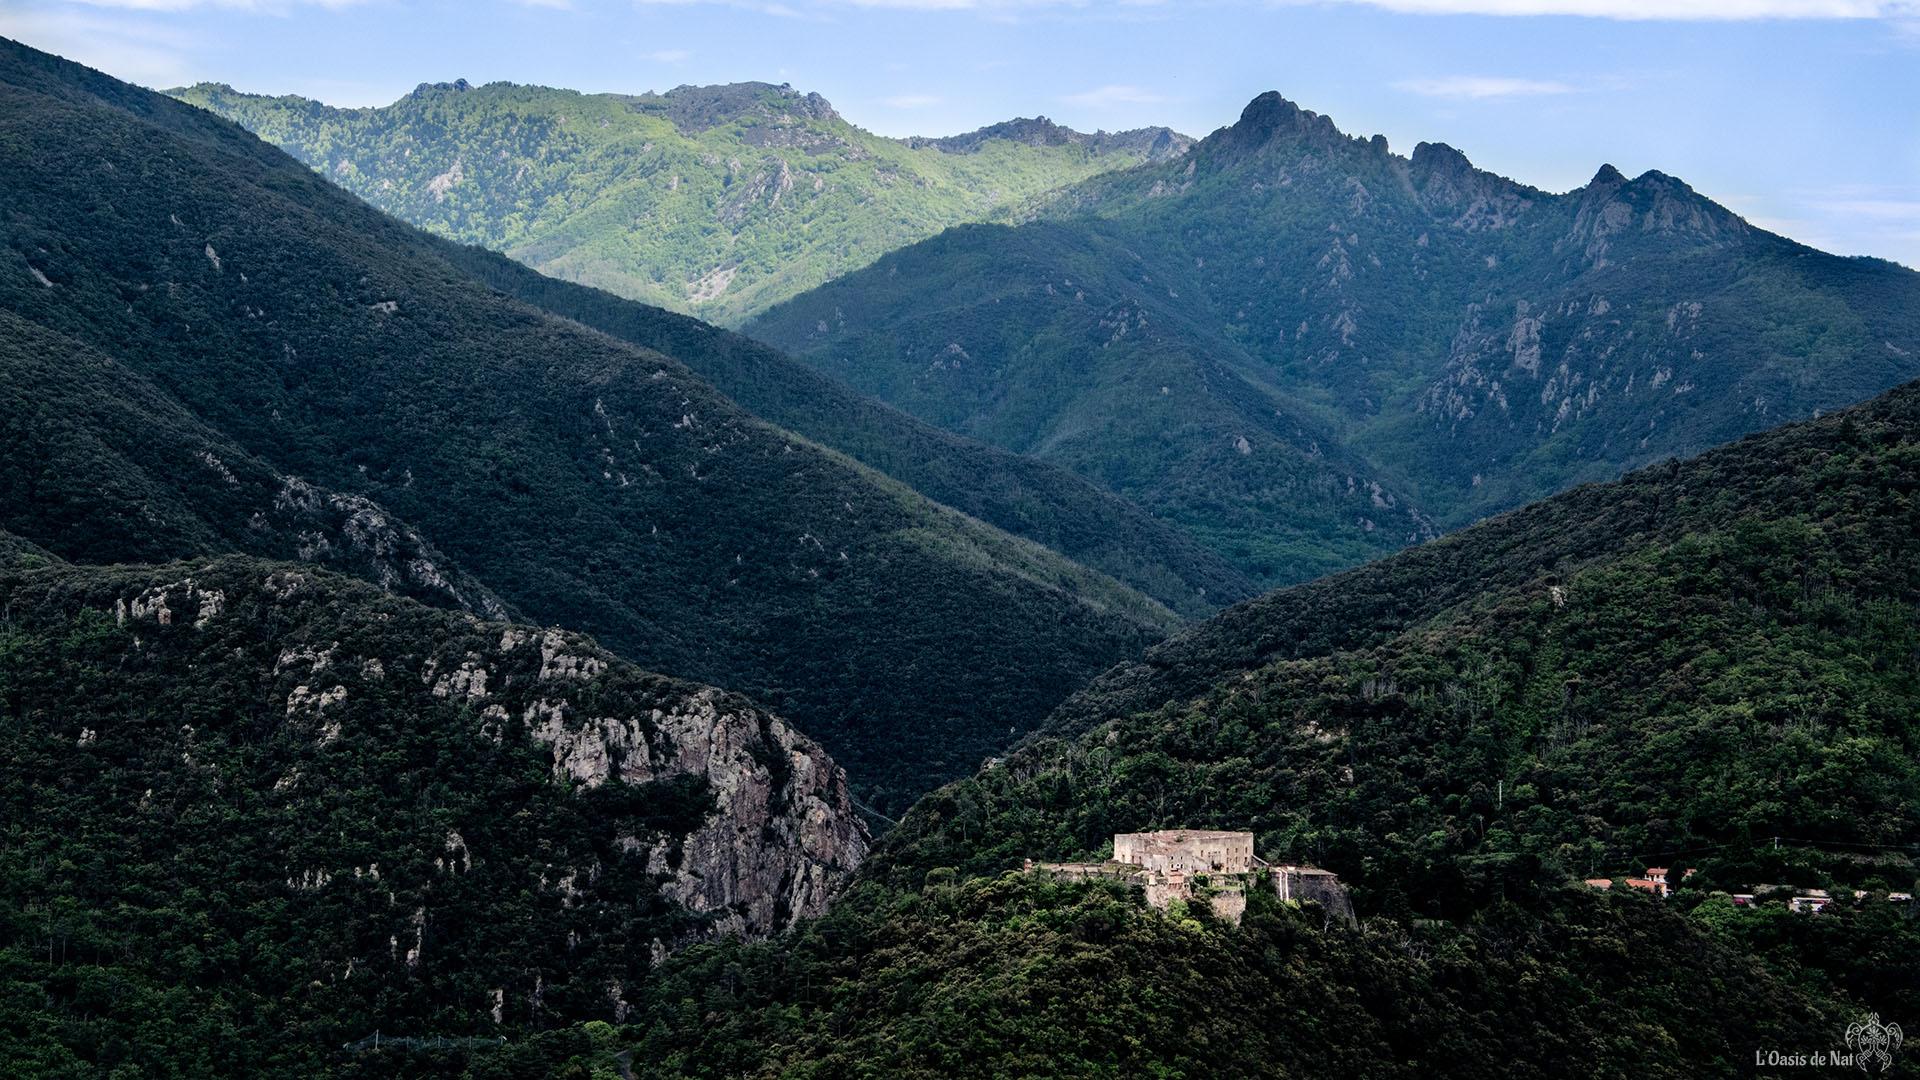 Montbolo, randonnée, vélo, haut valespir, france, méditerranée, paysages, l'oasis de nat